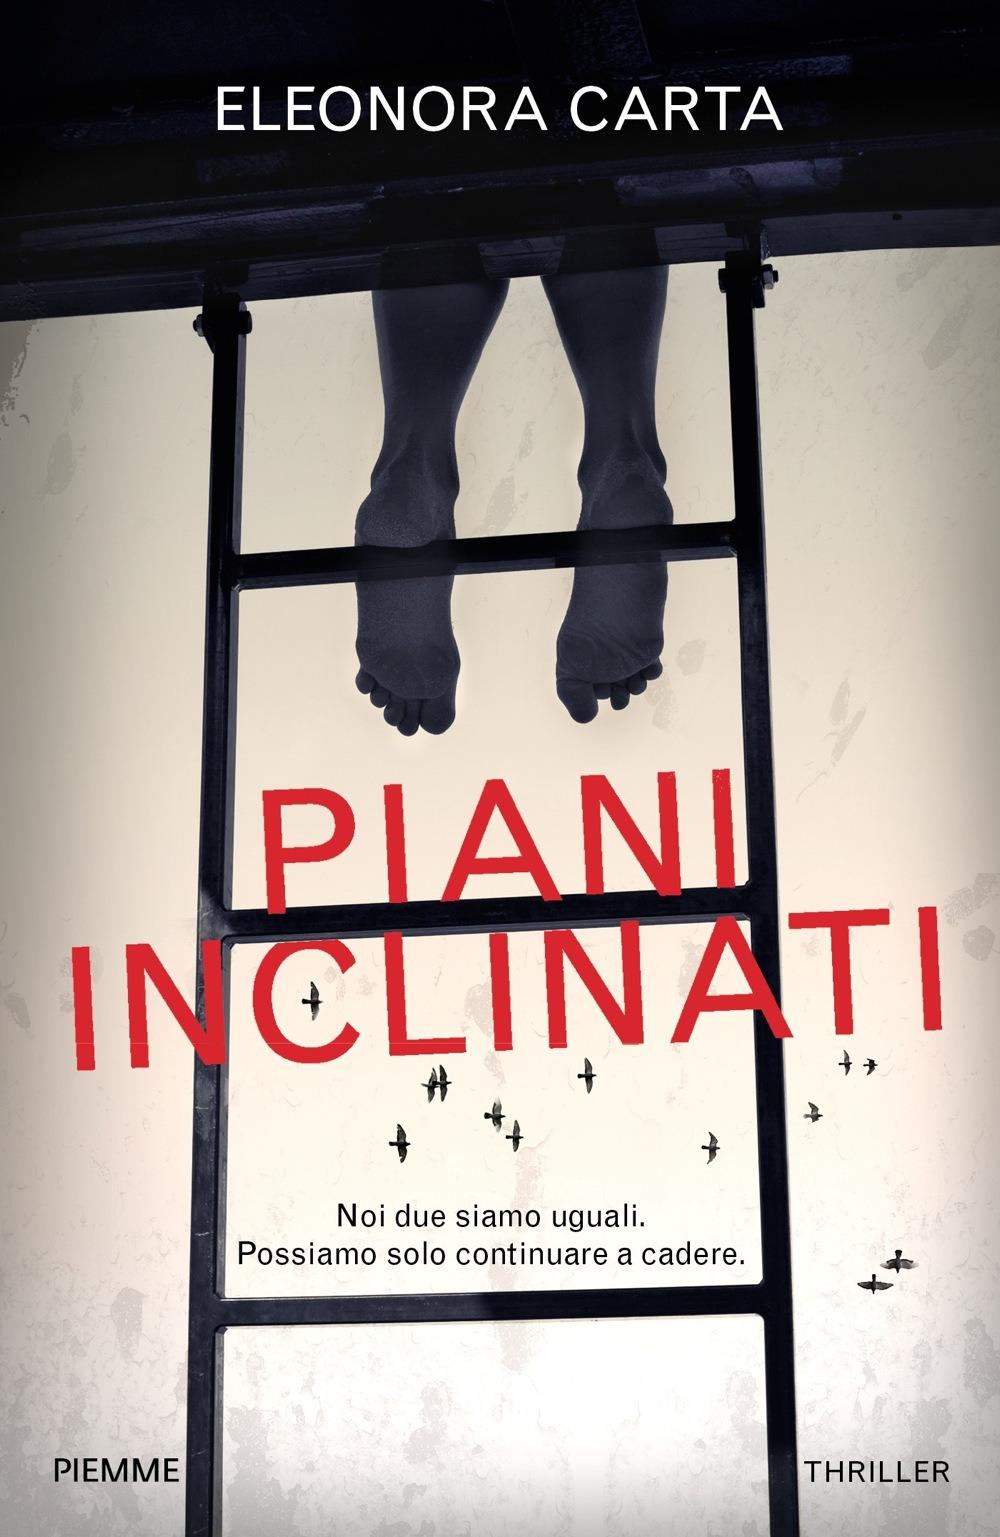 Libri Eleonora Carta - Piani Inclinati NUOVO SIGILLATO, EDIZIONE DEL 25/08/2020 SUBITO DISPONIBILE